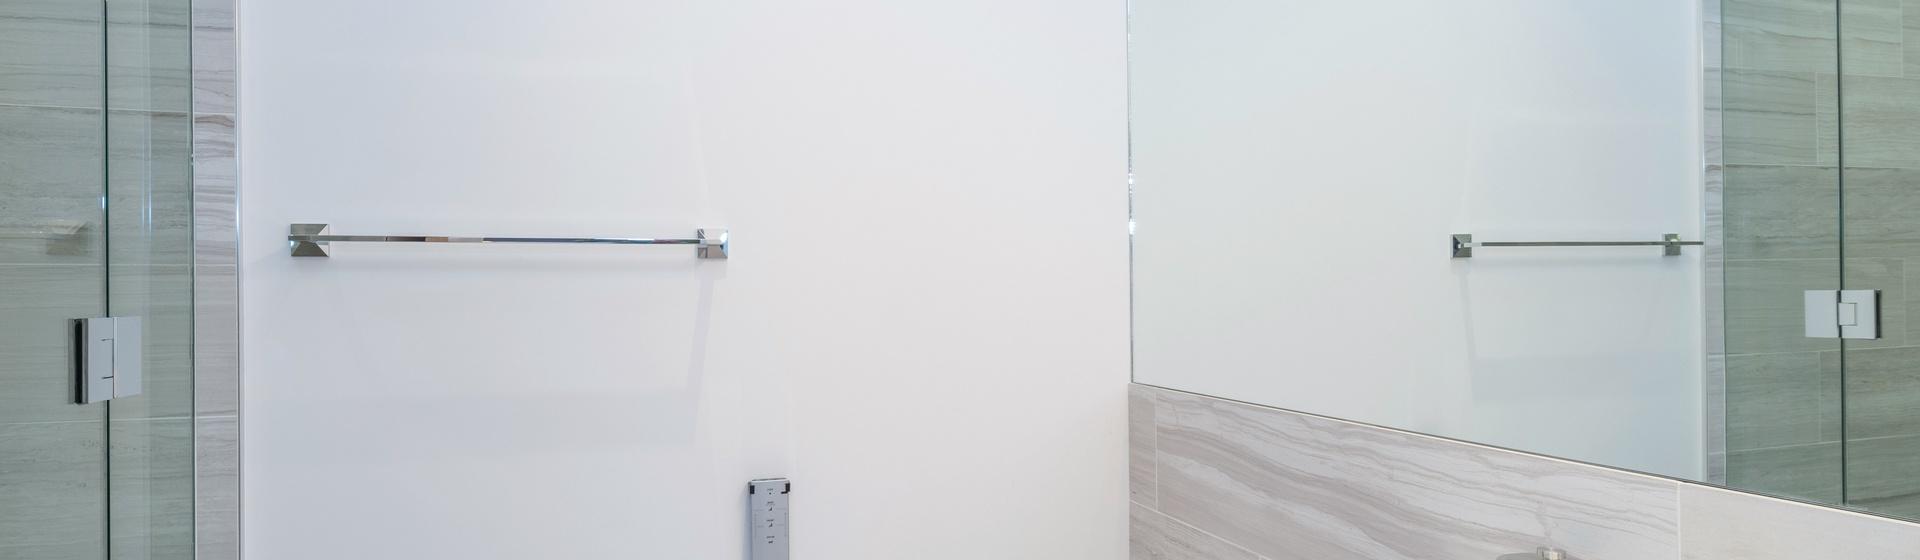 27-Telluride-The-Sunnyside-Downstairs-Guest-Suite-Bathroom-Web.jpg